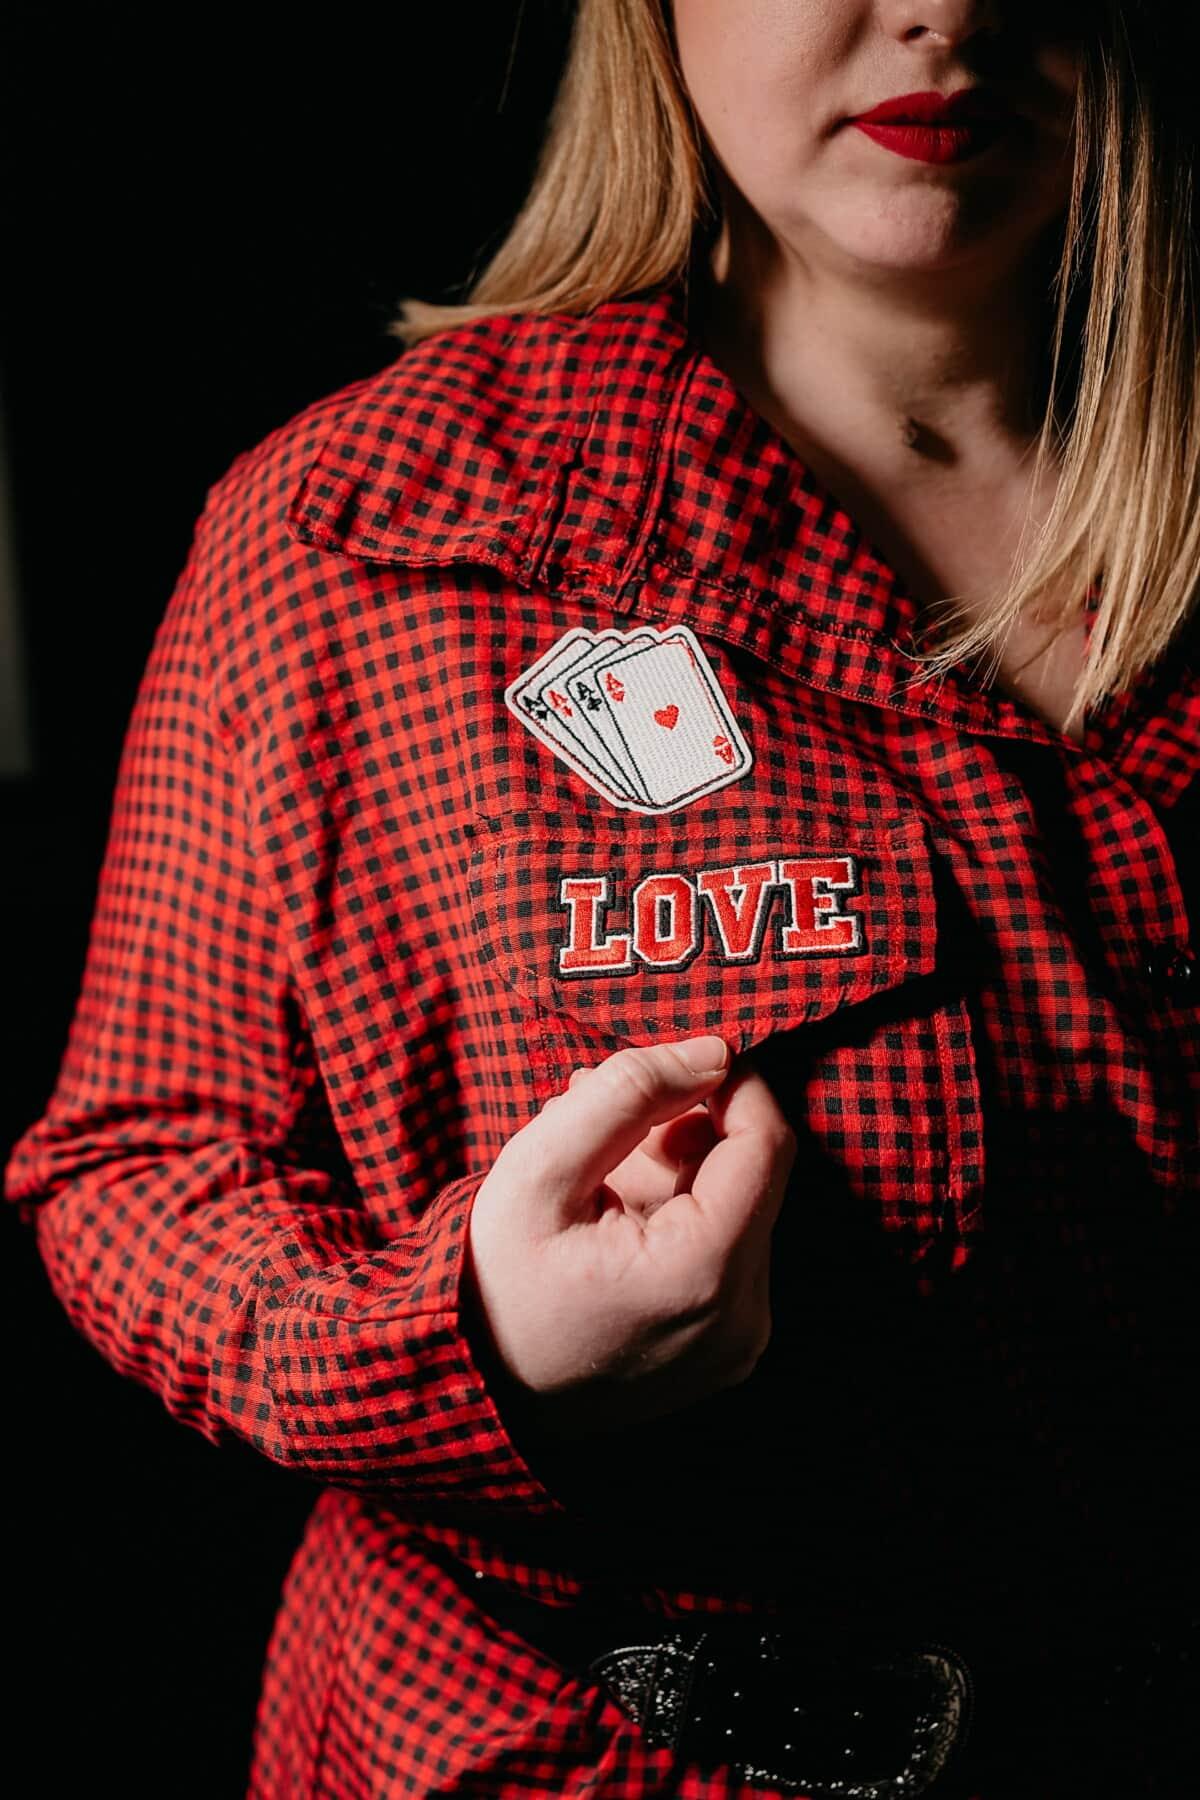 kartu, Cinta, Aces, pesan, Permainan, merah, mode, kemeja, pakaian, trendi